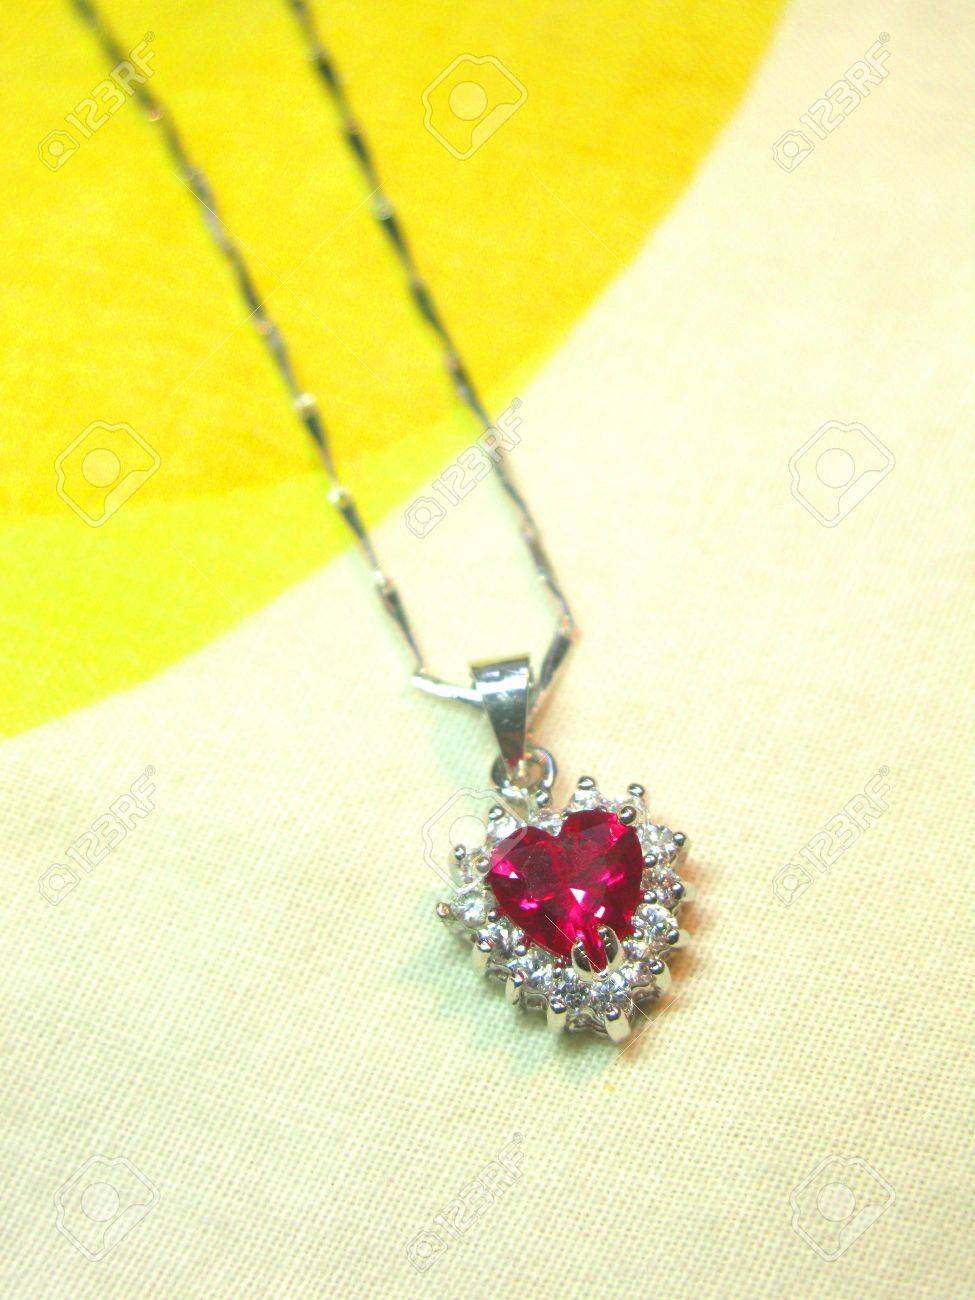 San Francisco 8fa00 66efa Rubí en forma de corazón con el ornamento colgante collar